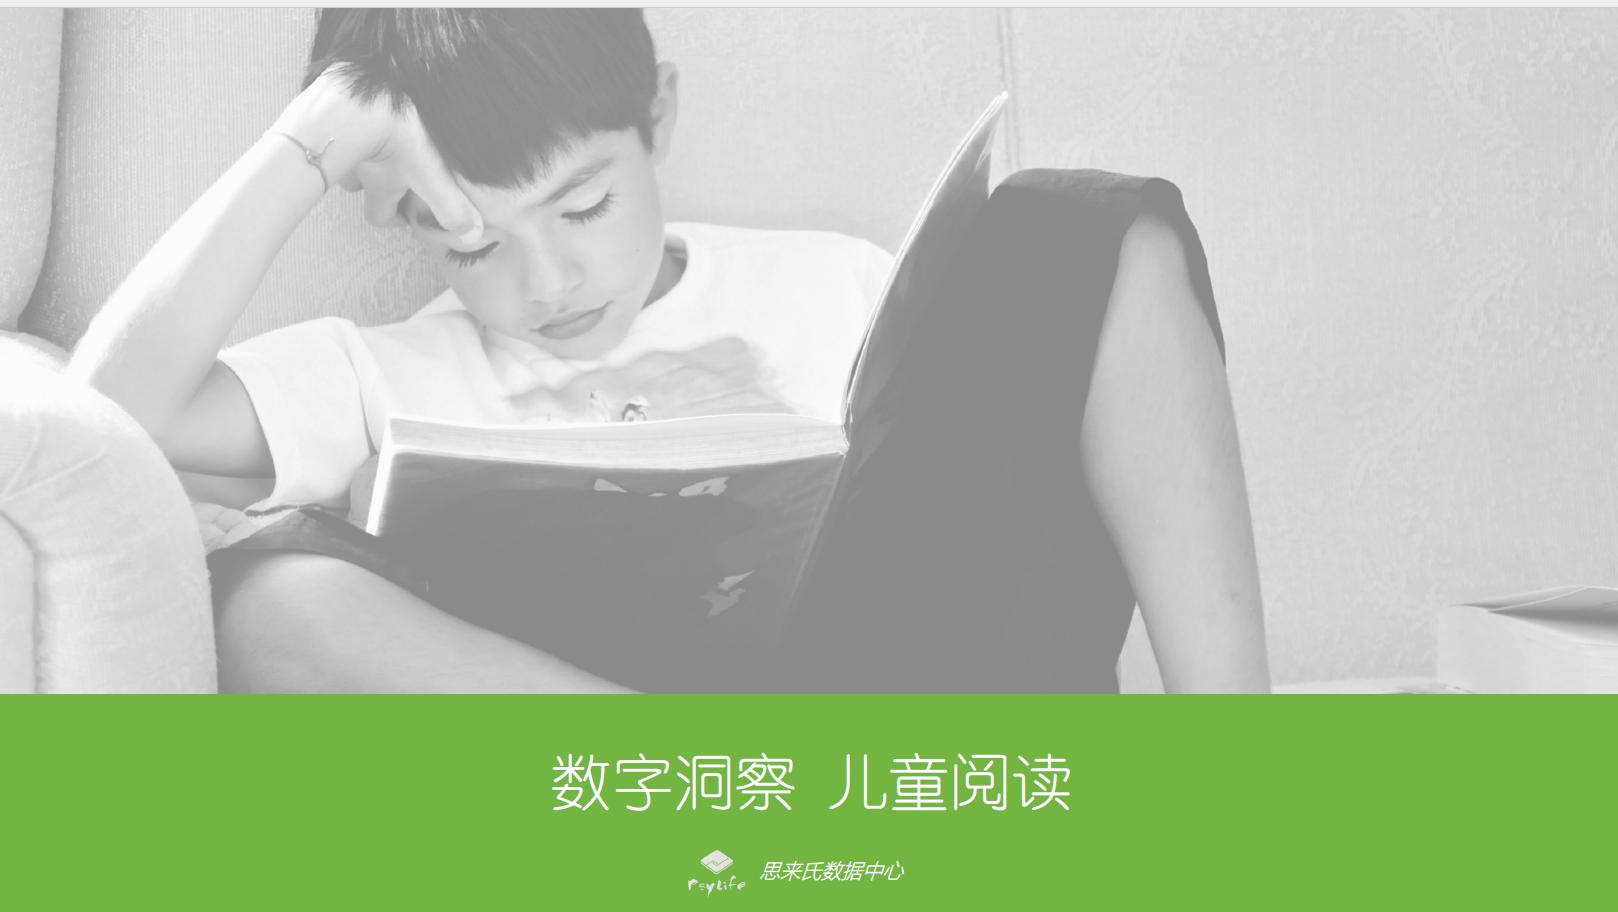 上海小学生年均阅读8.42本课外书 距父母期望值还差7本